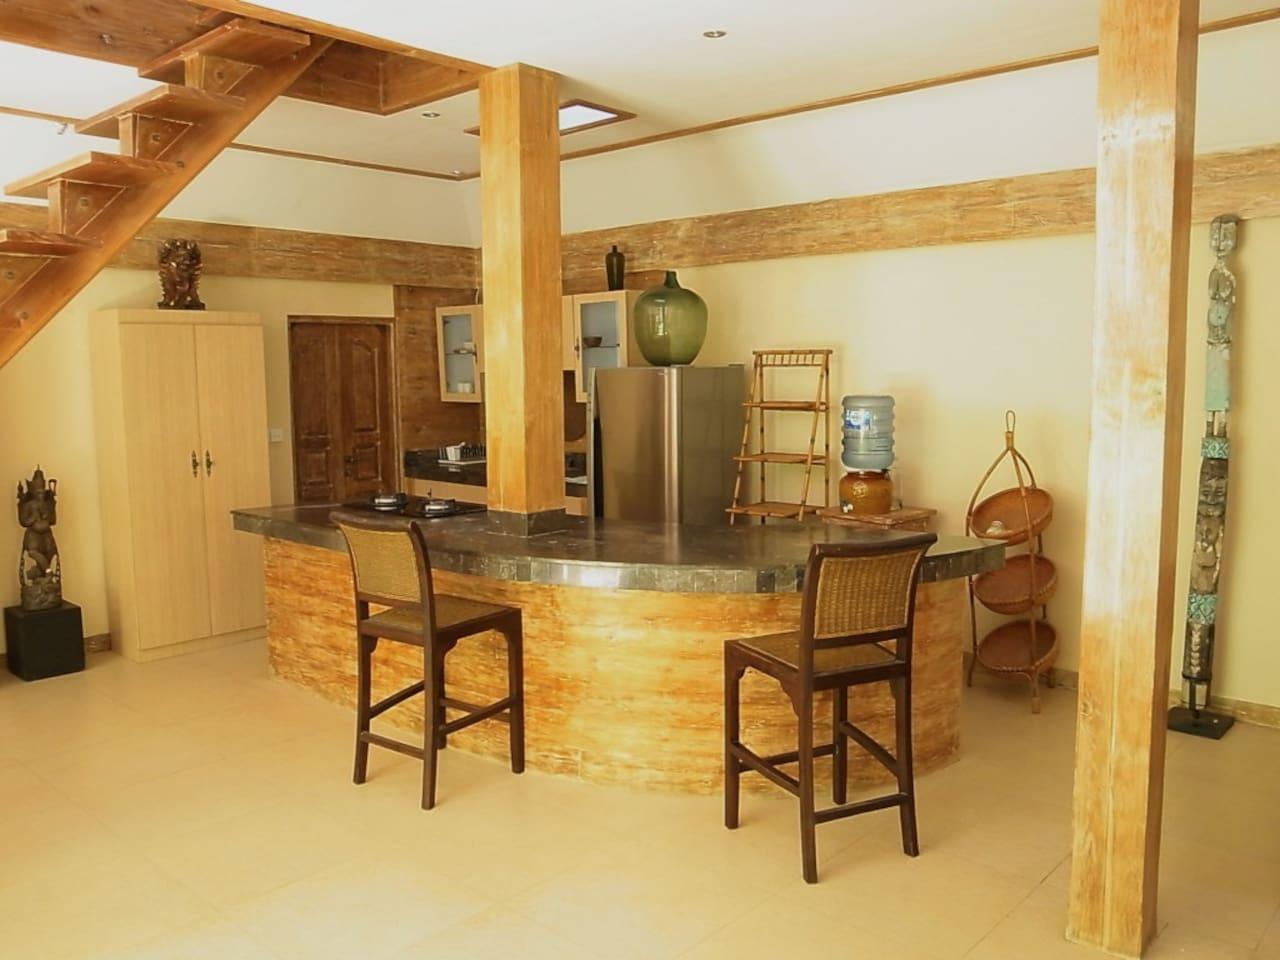 the kitchen bar...